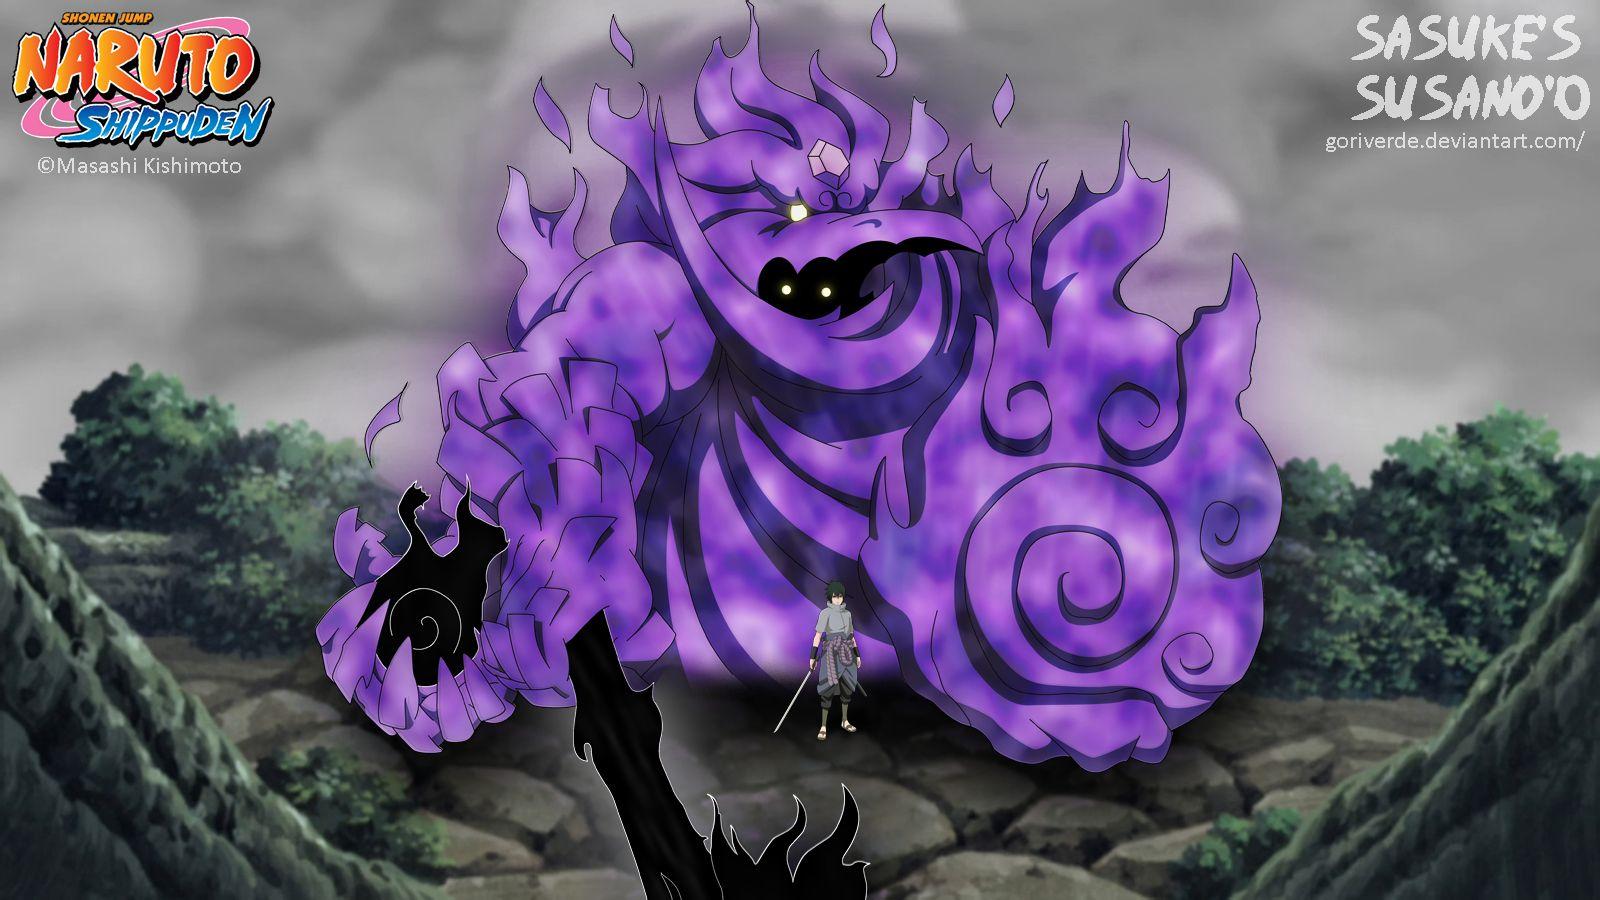 火影忍者图片佐助紫色初型骨架须佐能乎图片